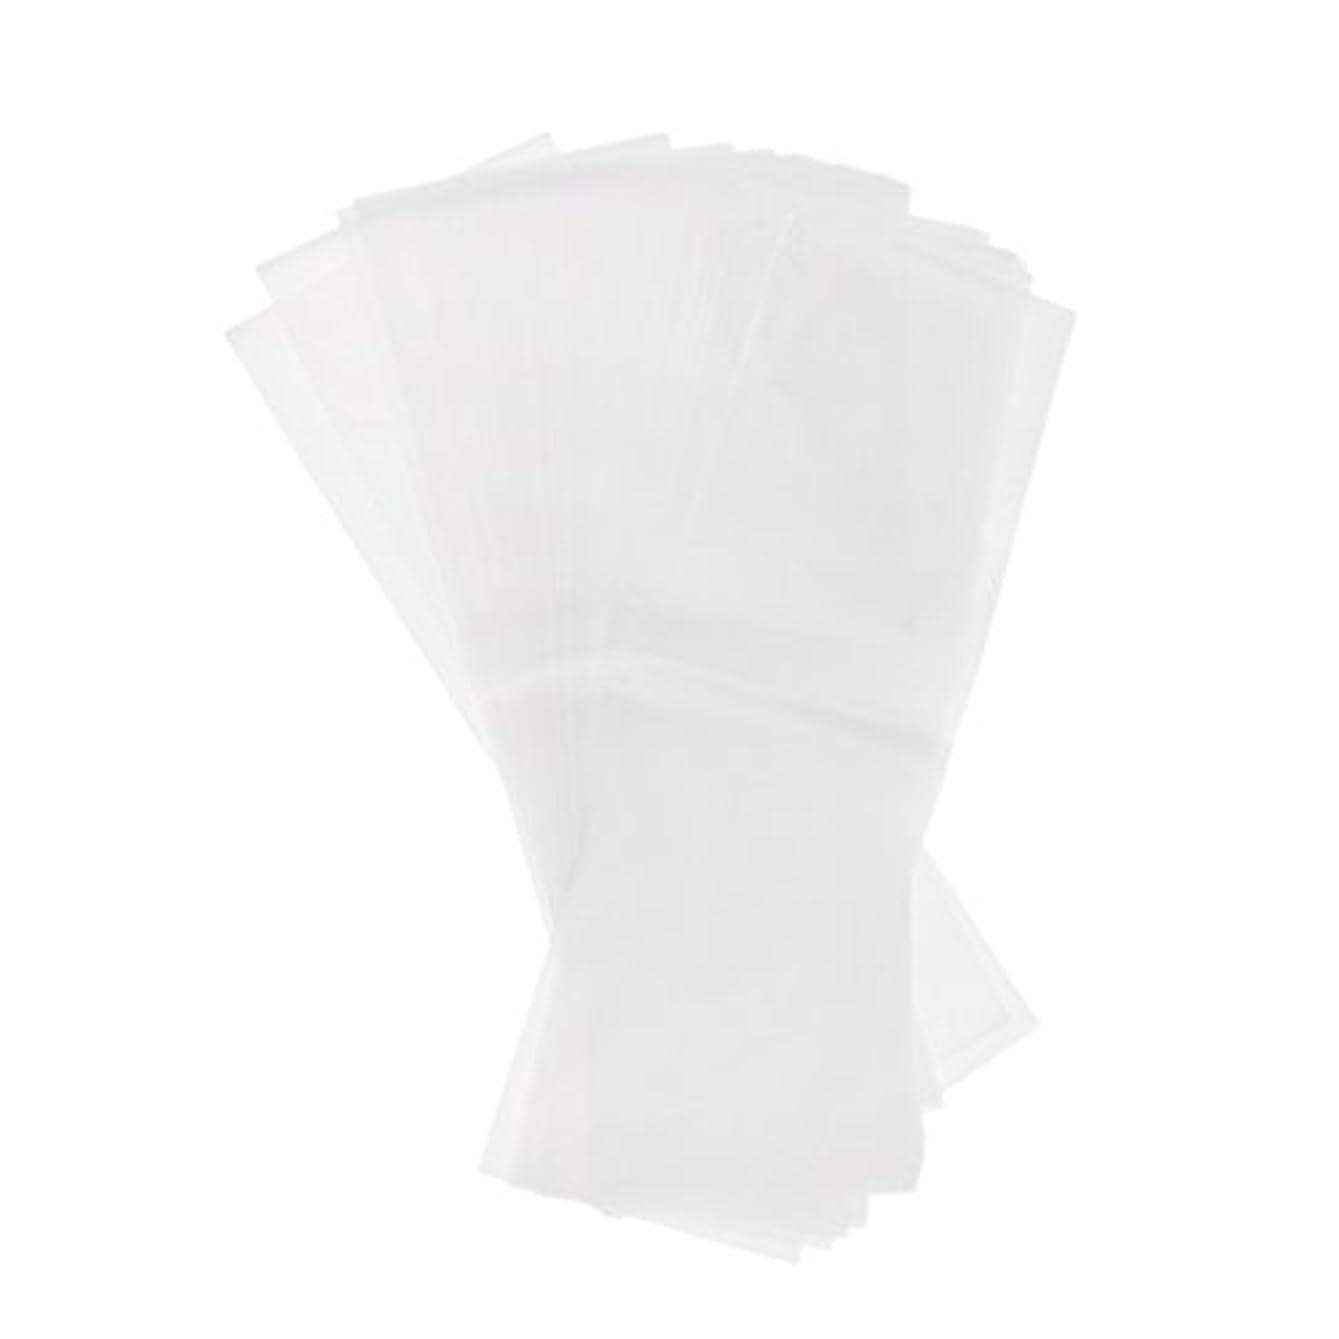 寸前マンハッタン正直約50枚 毛染め 分版用紙 プラスチック製 染毛紙 色のハイライト おしゃれ染め 2仕様選べる - ホワイト